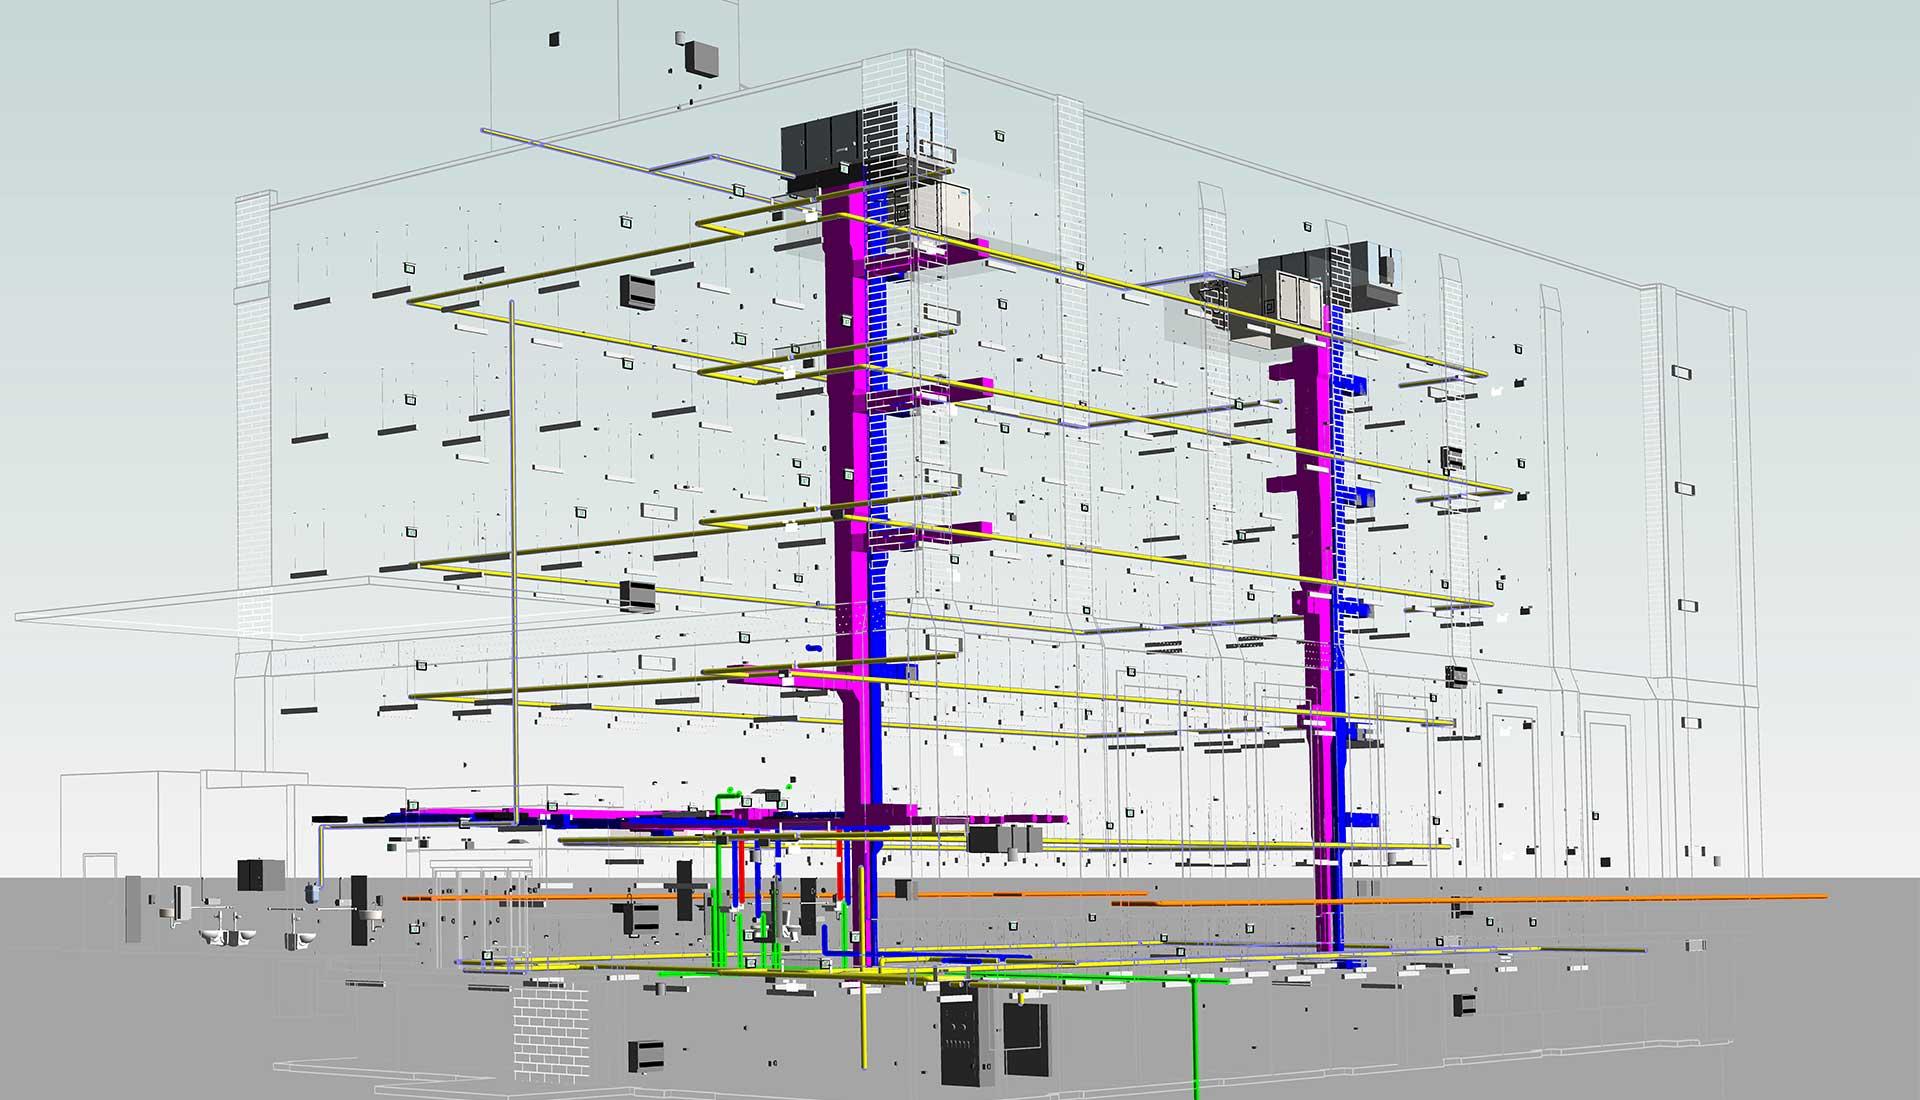 Revit--3D-MEP-BIM-Model-Commercial-Modeling-by-United-BIM